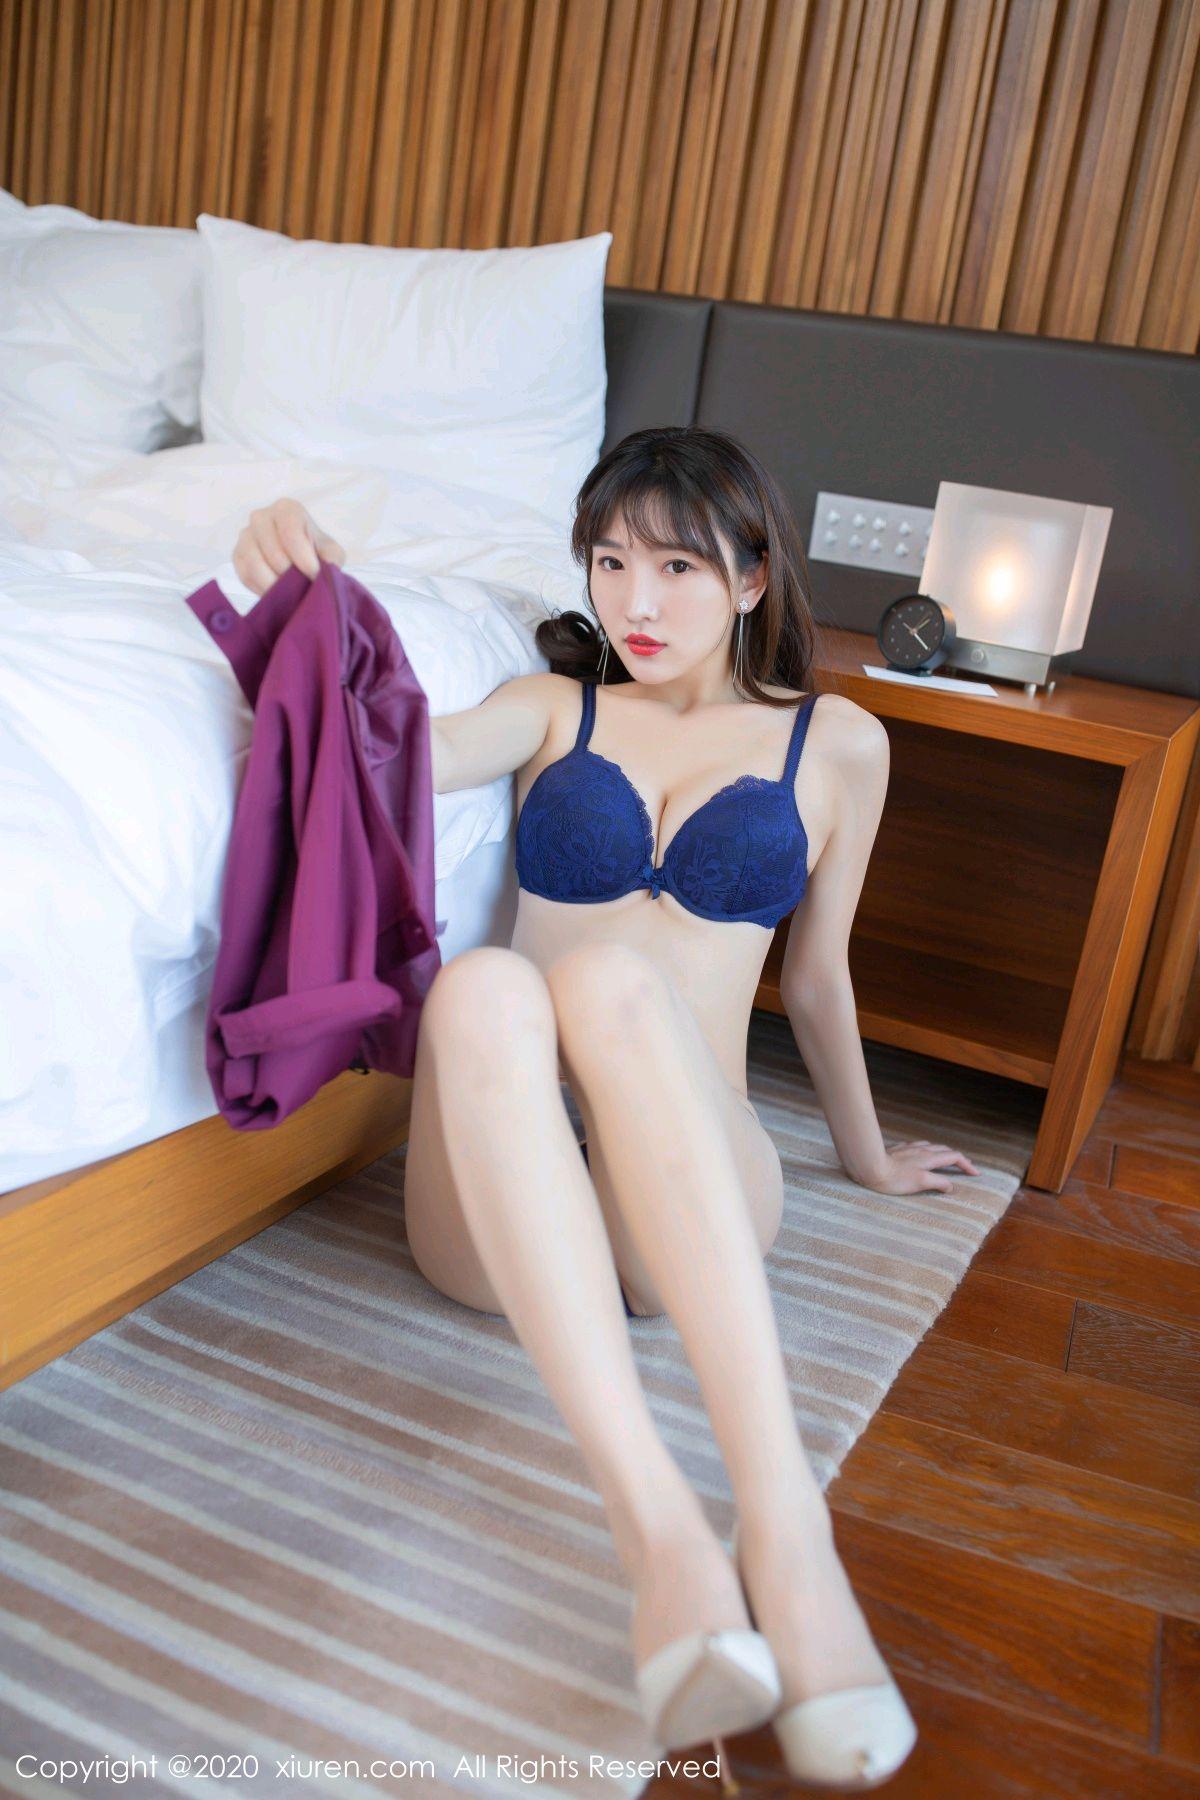 [XiuRen] Vol.2705 Lu Xuan Xuan 45P, Lu Xuan Xuan, Stewardess, Tall, Uniform, Xiuren